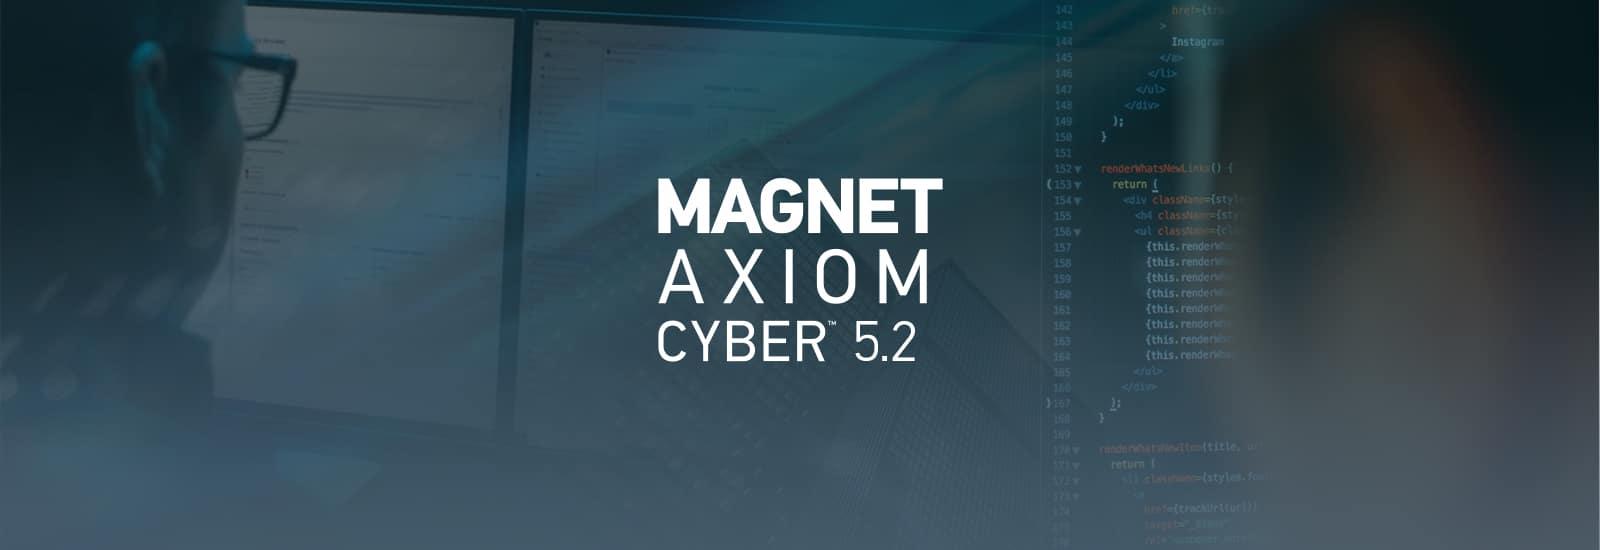 AXIOM Cyber 5.2